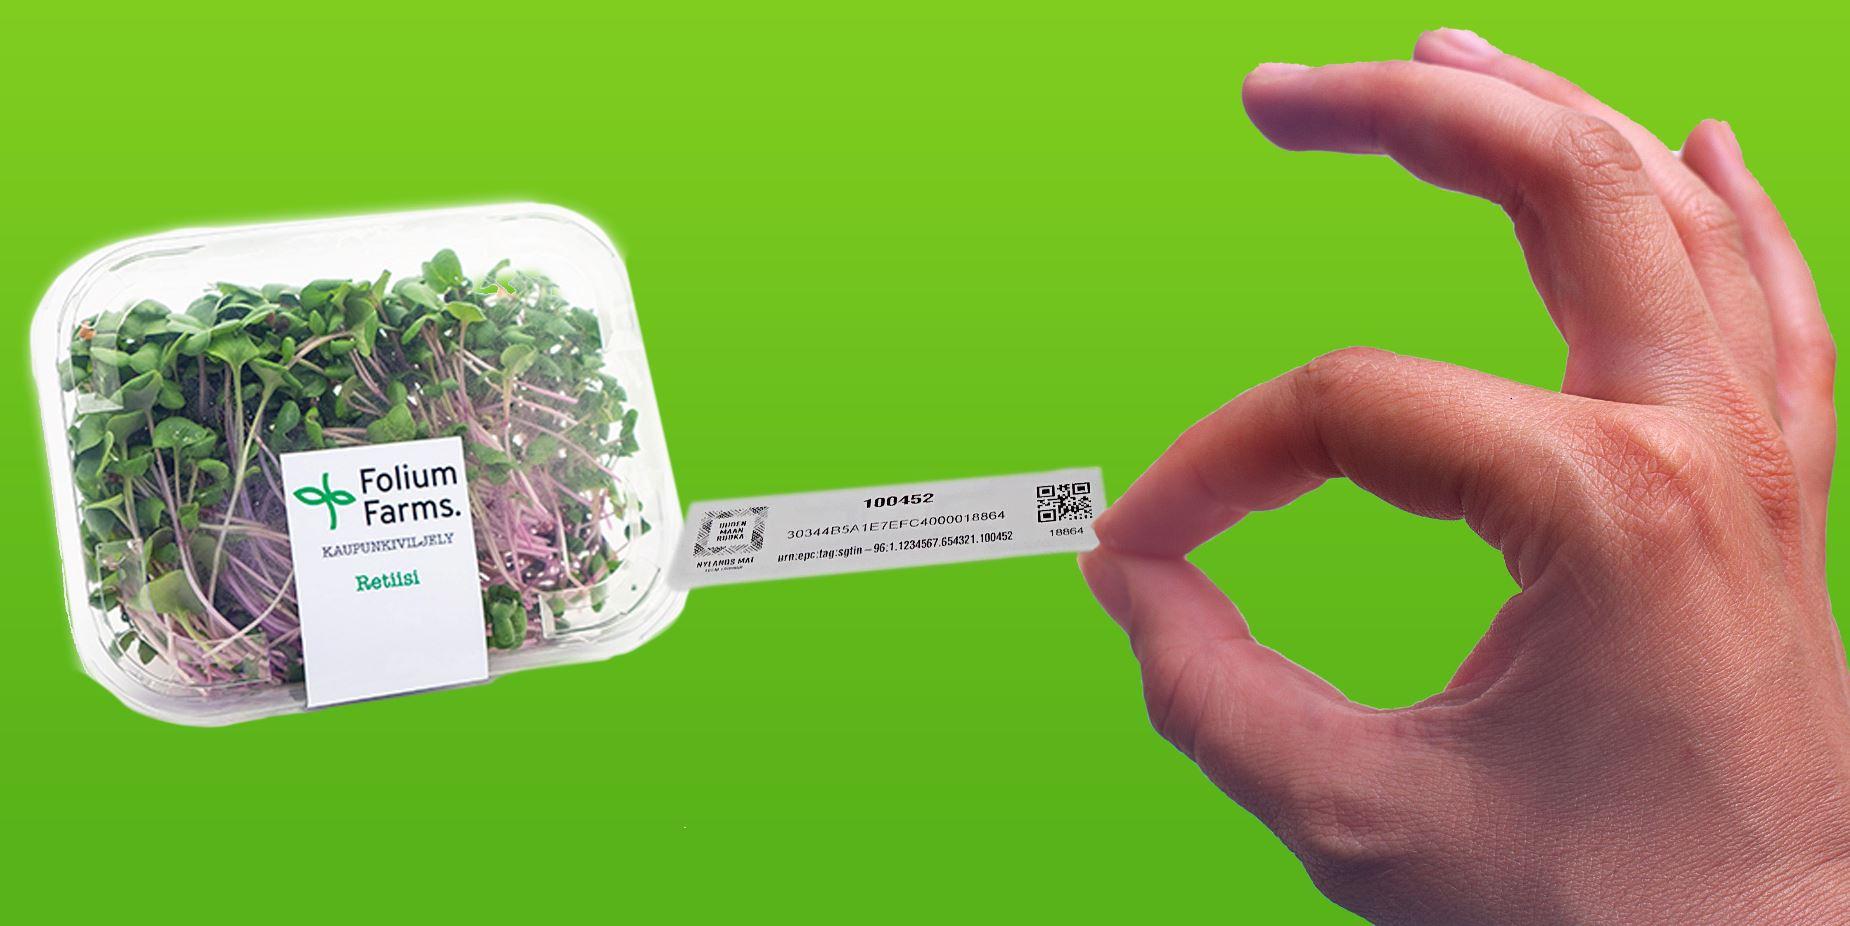 RFID-tarra lähiruokapakkauksessa